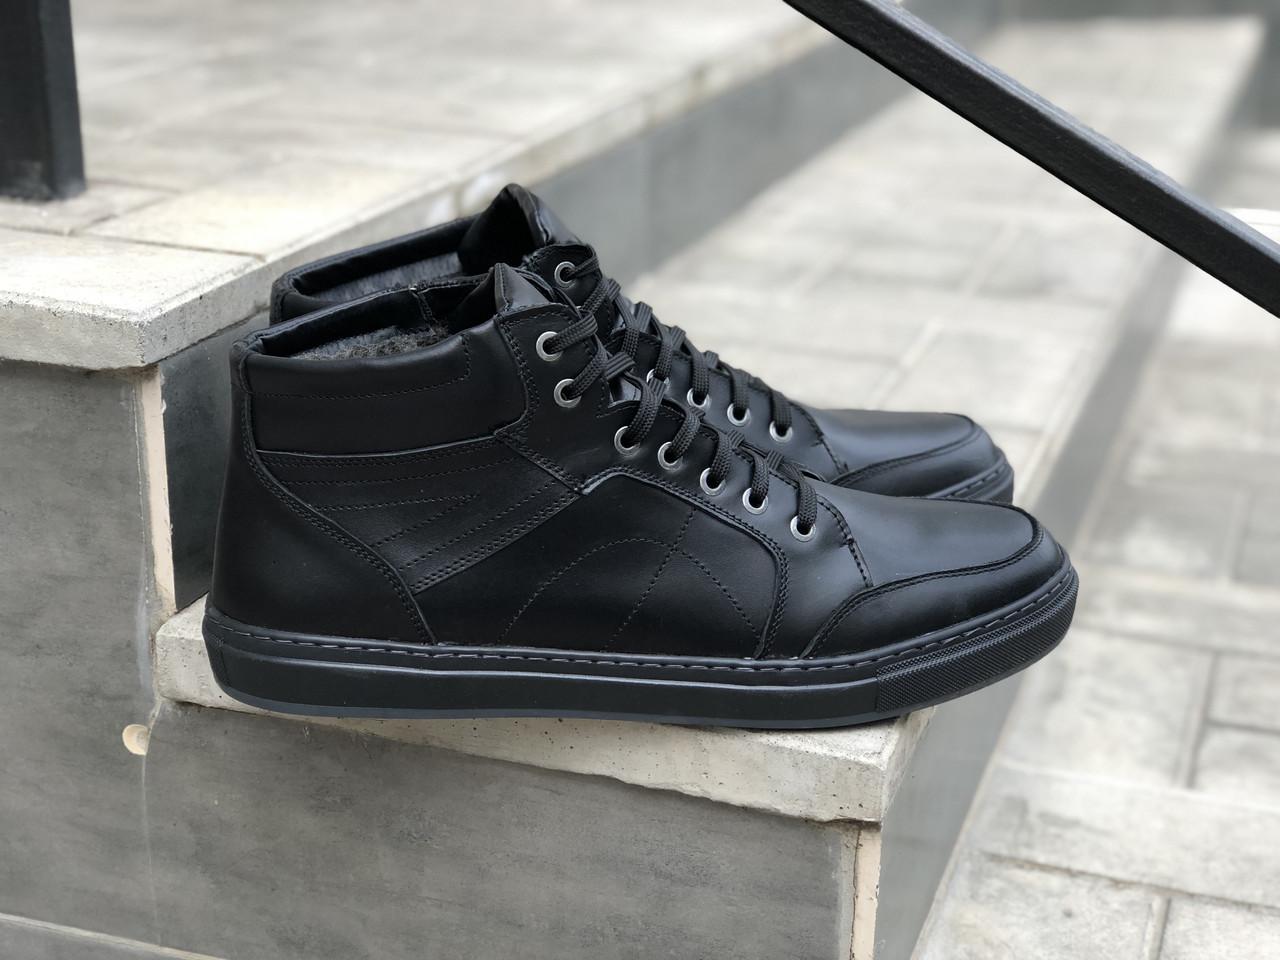 Кожаные мужские ботинки большие размеры Д-712 размеры 46,47,48,49,50